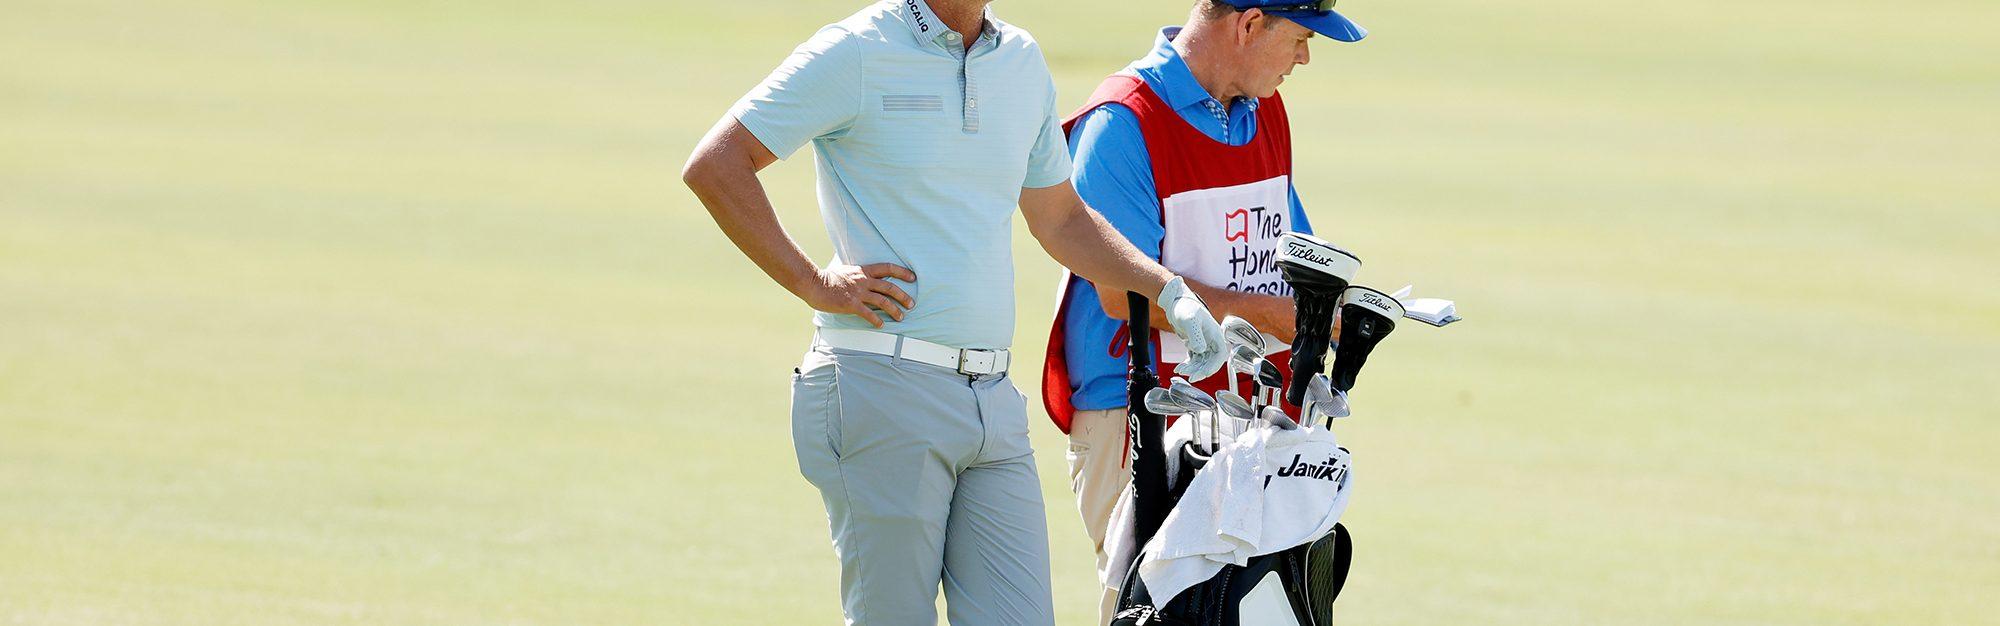 What's in Matt Jones' bag?